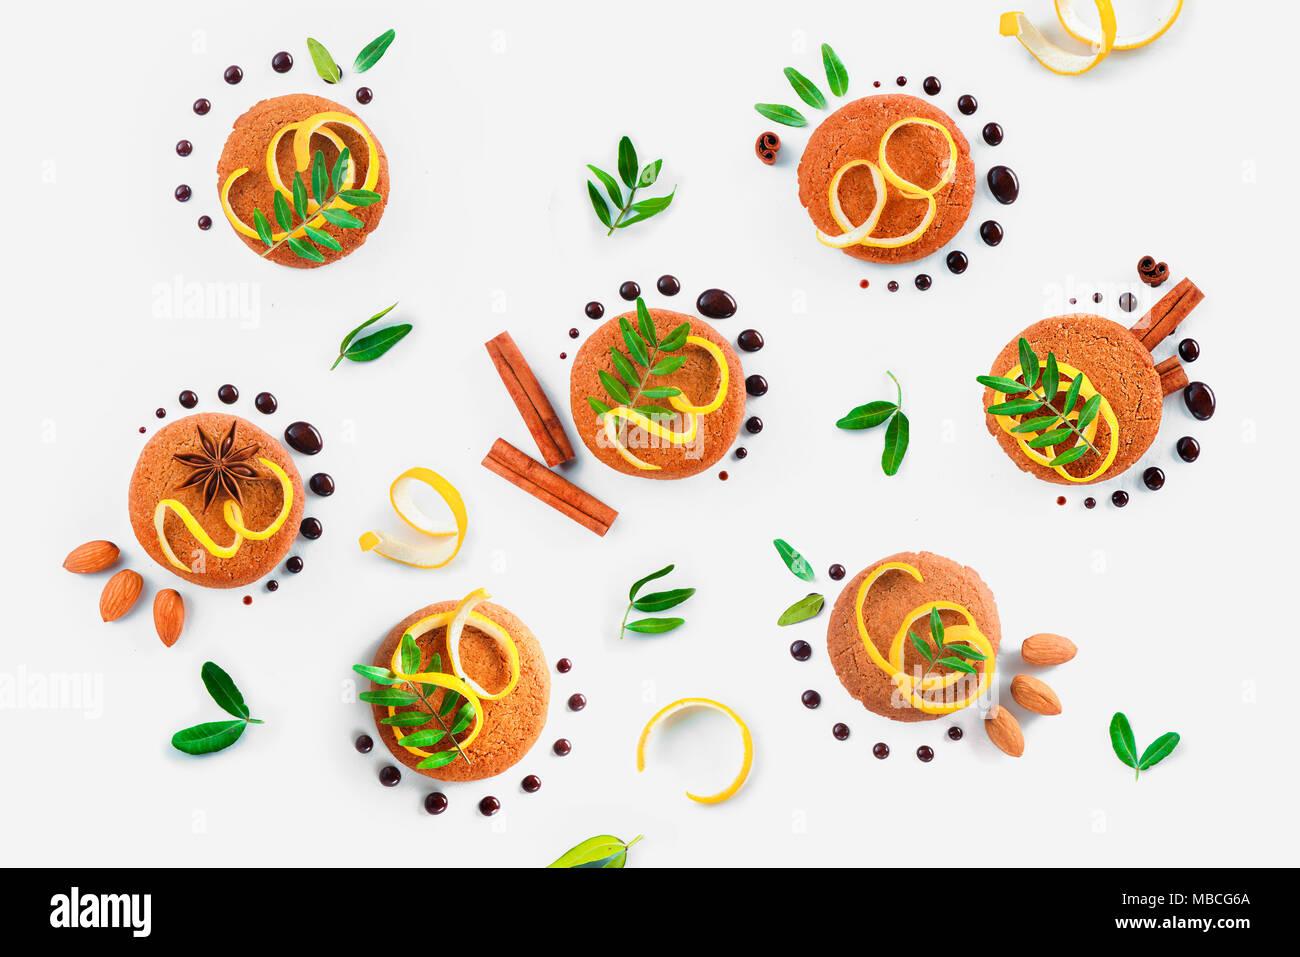 Food Styling Tipps Muster aus Keksen, Schokolade Swooshes und Ringe, Zimt, Zitronenschale und grünen Blättern. Cookie Dekoration Stockbild